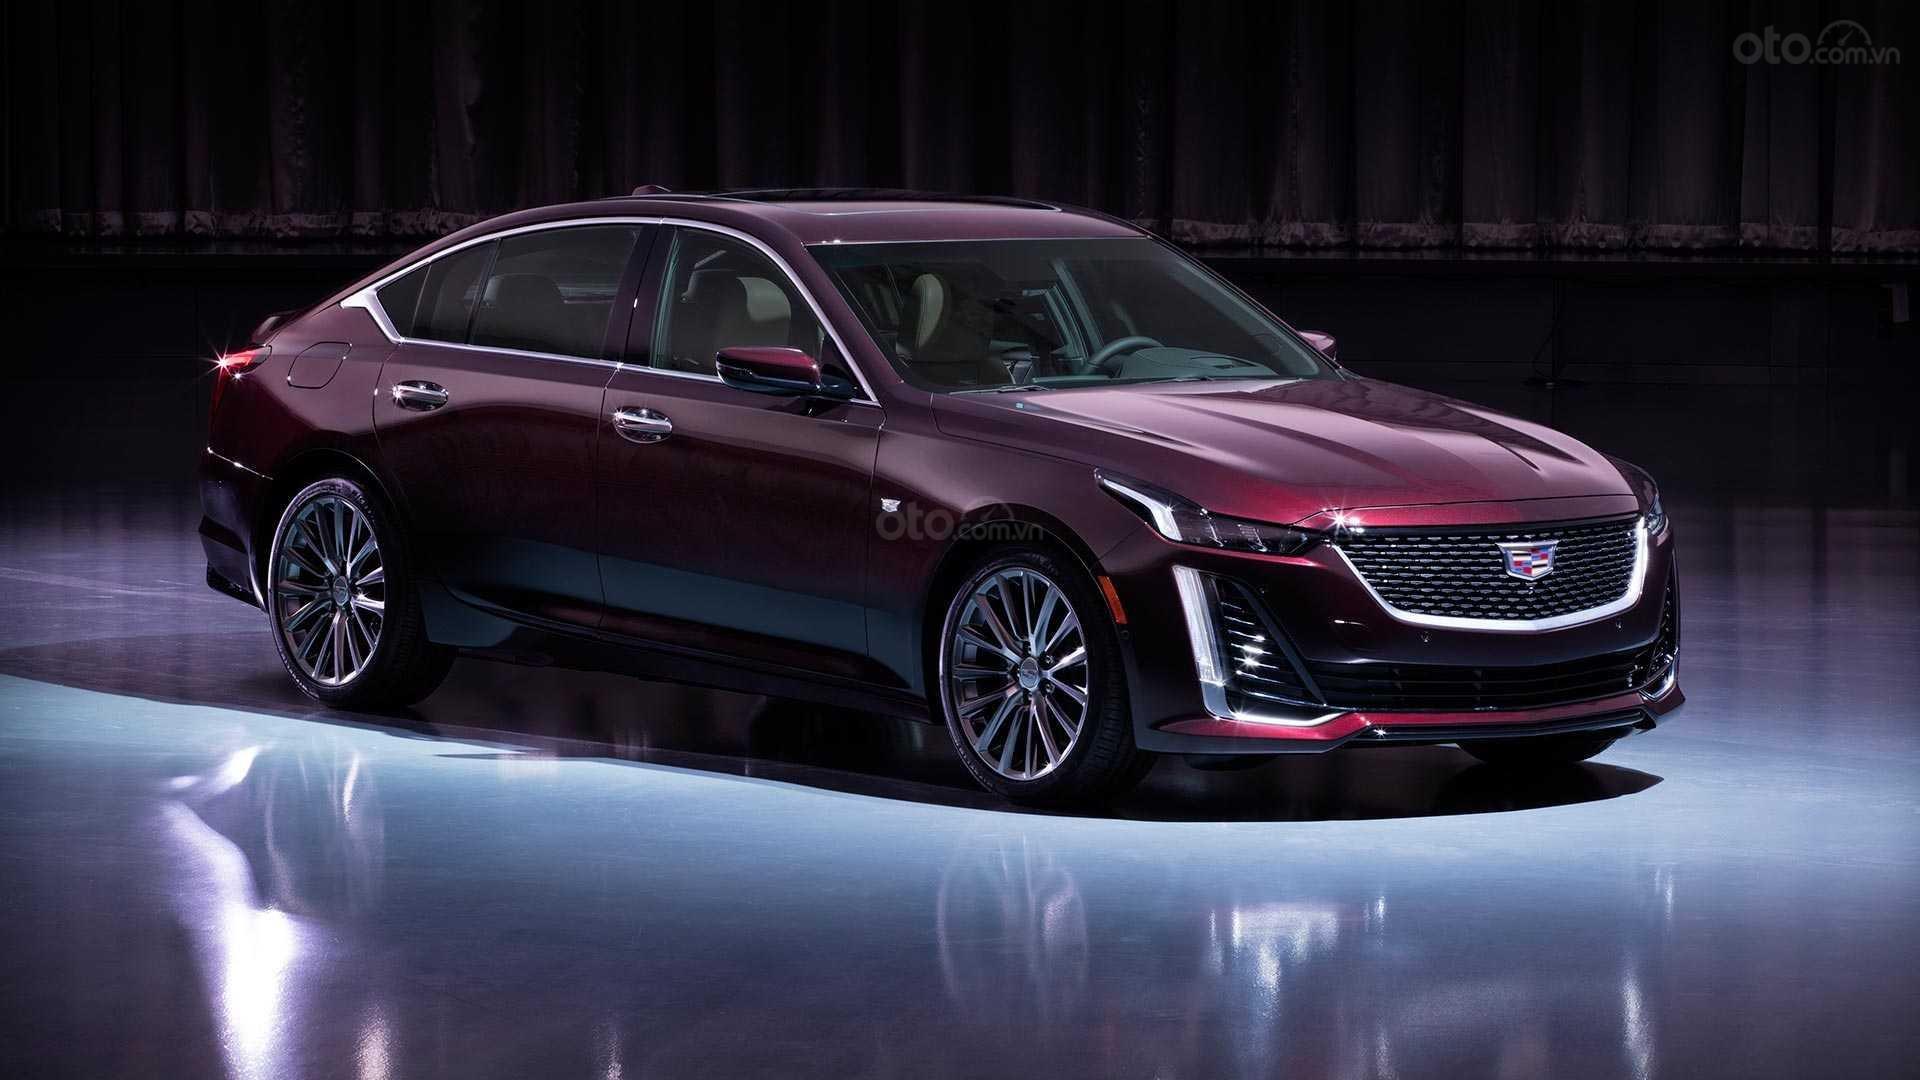 Đánh giá xe Cadillac CT5 2020 - trang bị an toàn